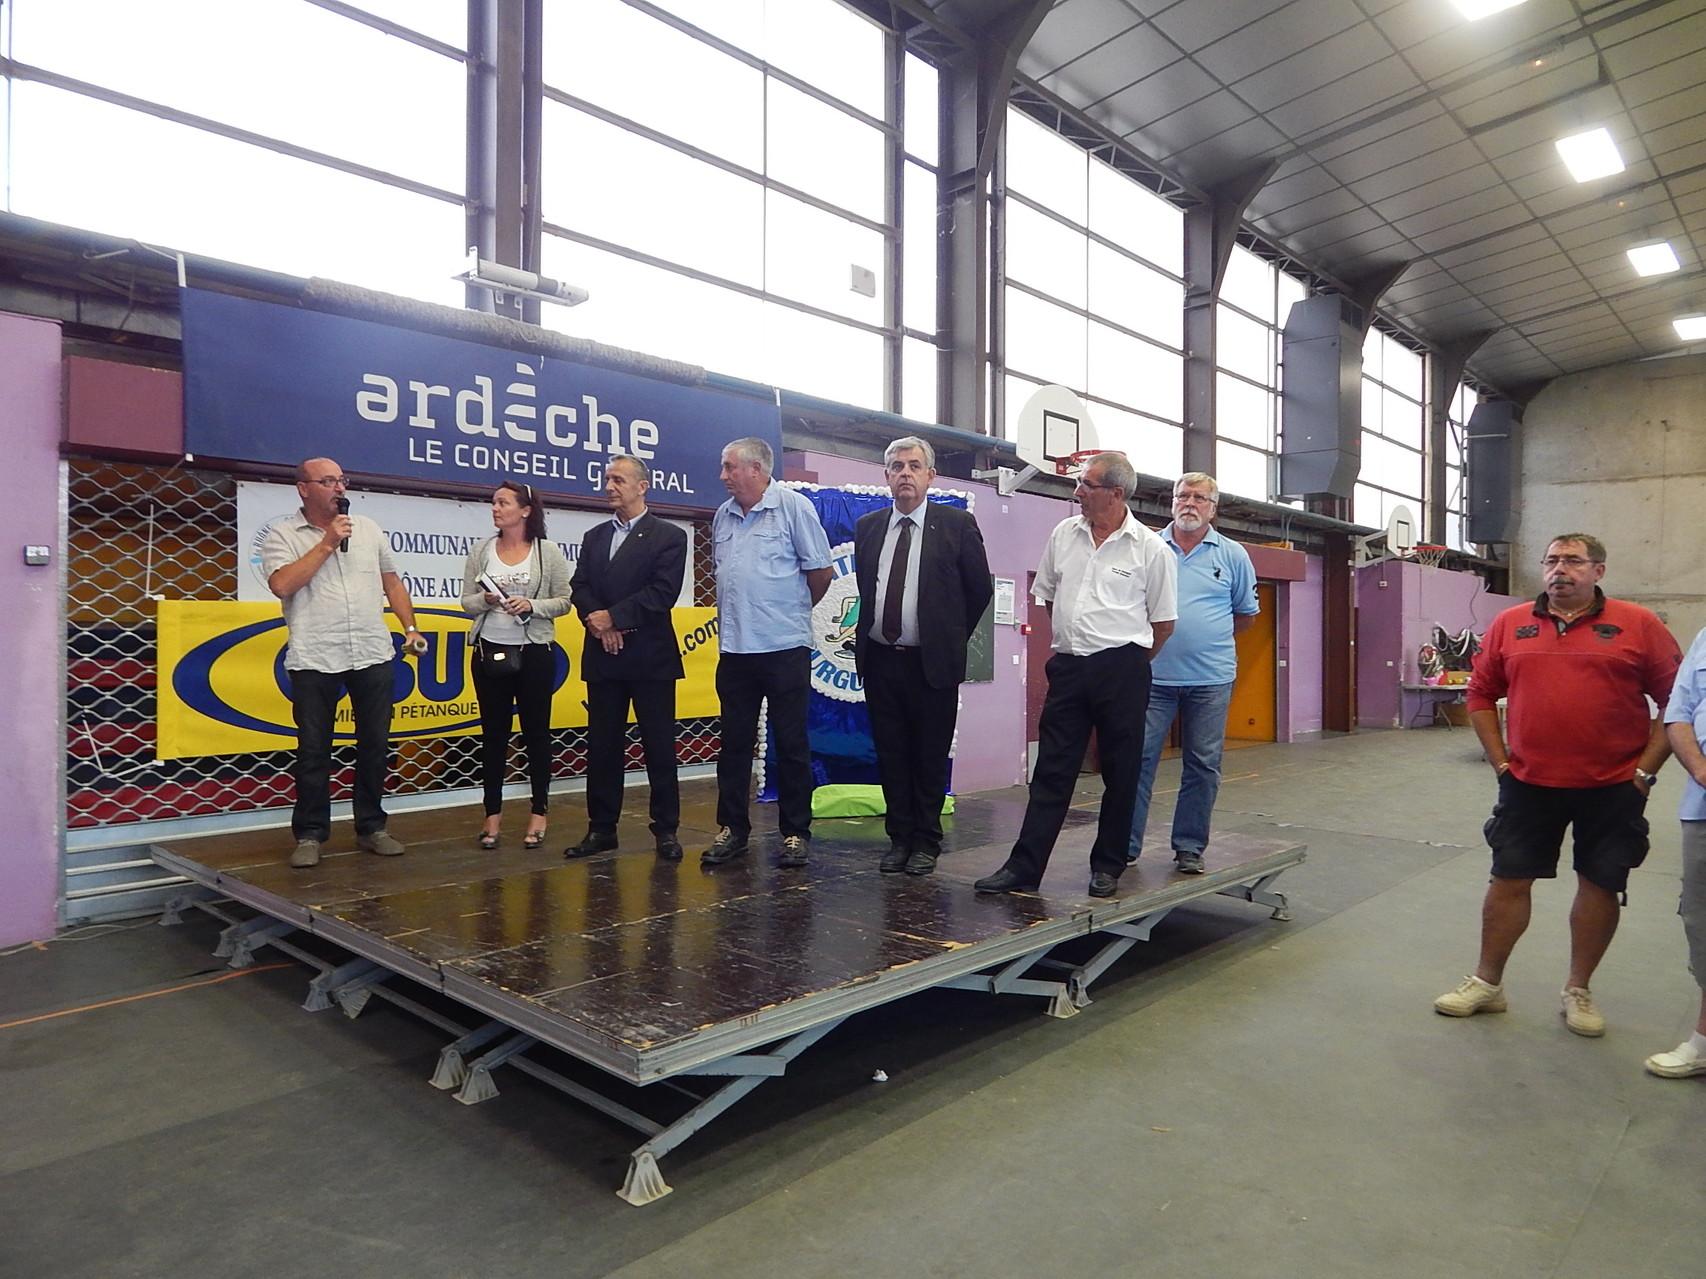 26-09-2014 Jean-Pierre Maubert lors de l'ouverture officielle du 6ième International Petite boule Bourguésanne à Bourg Saint-Andéol.